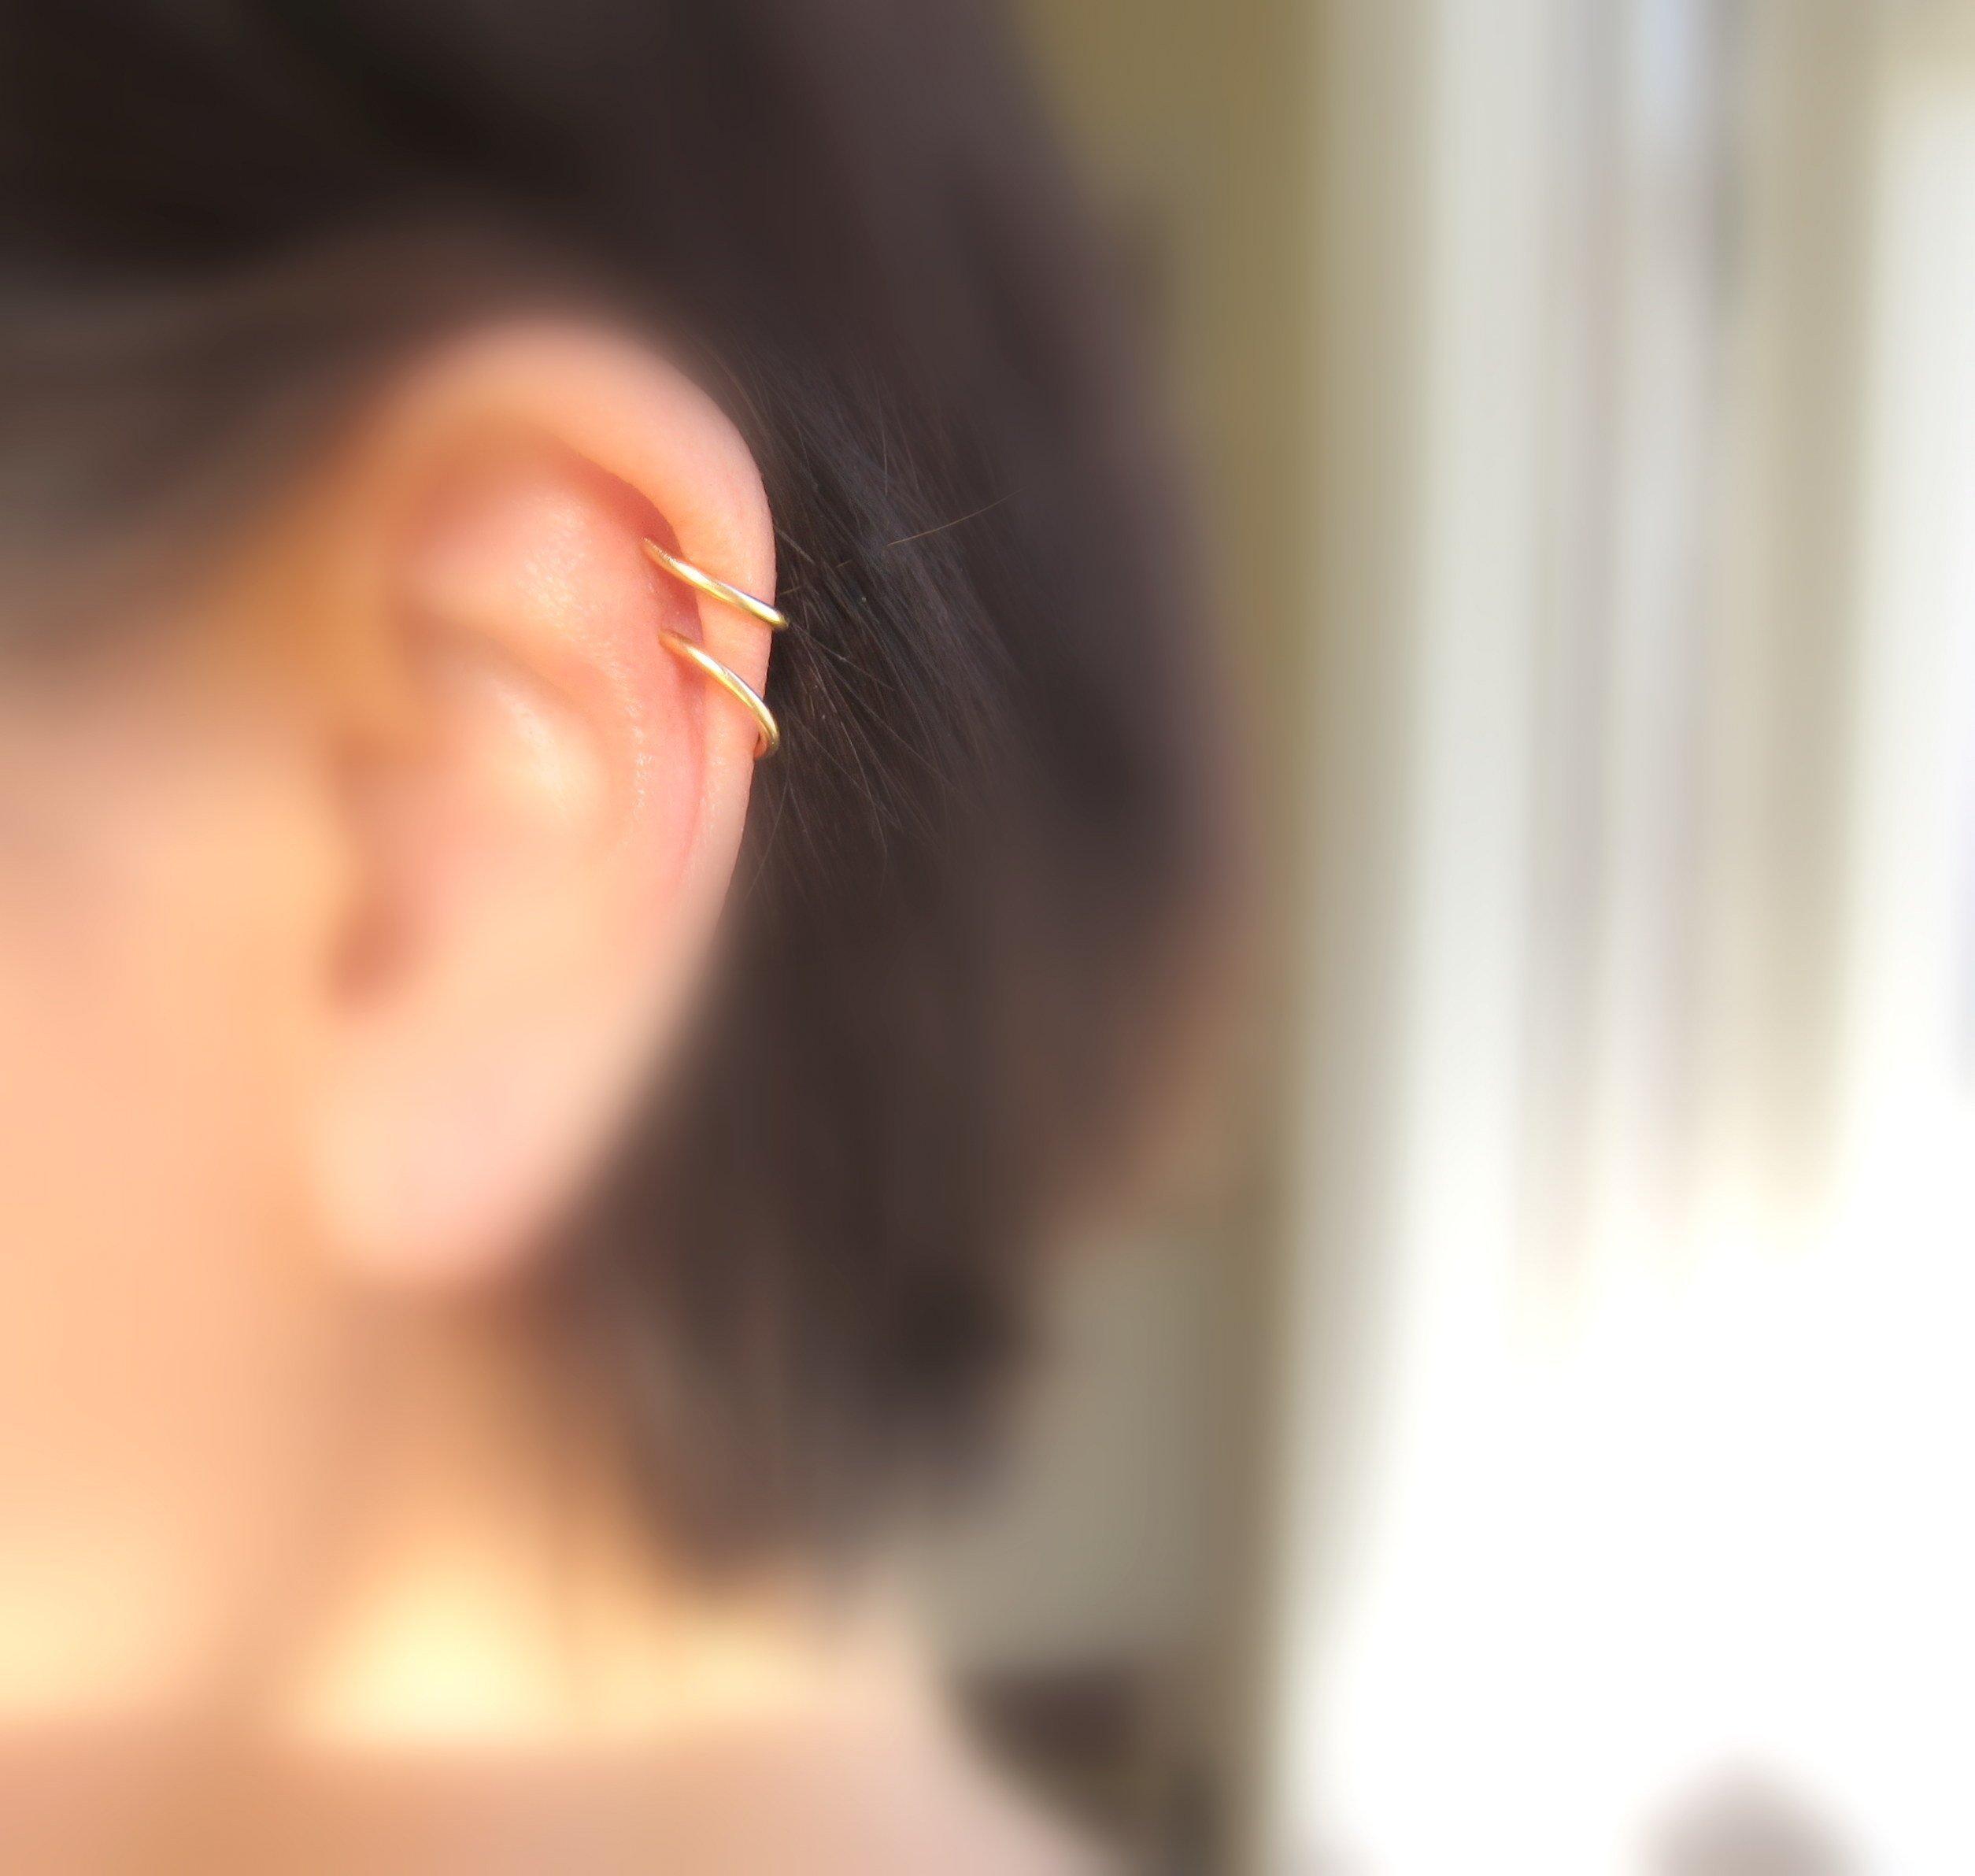 Handmade Solid 14K Gold Cartilage Earrings Gold Hoop Earrings 16Gauge 10mm One Pair